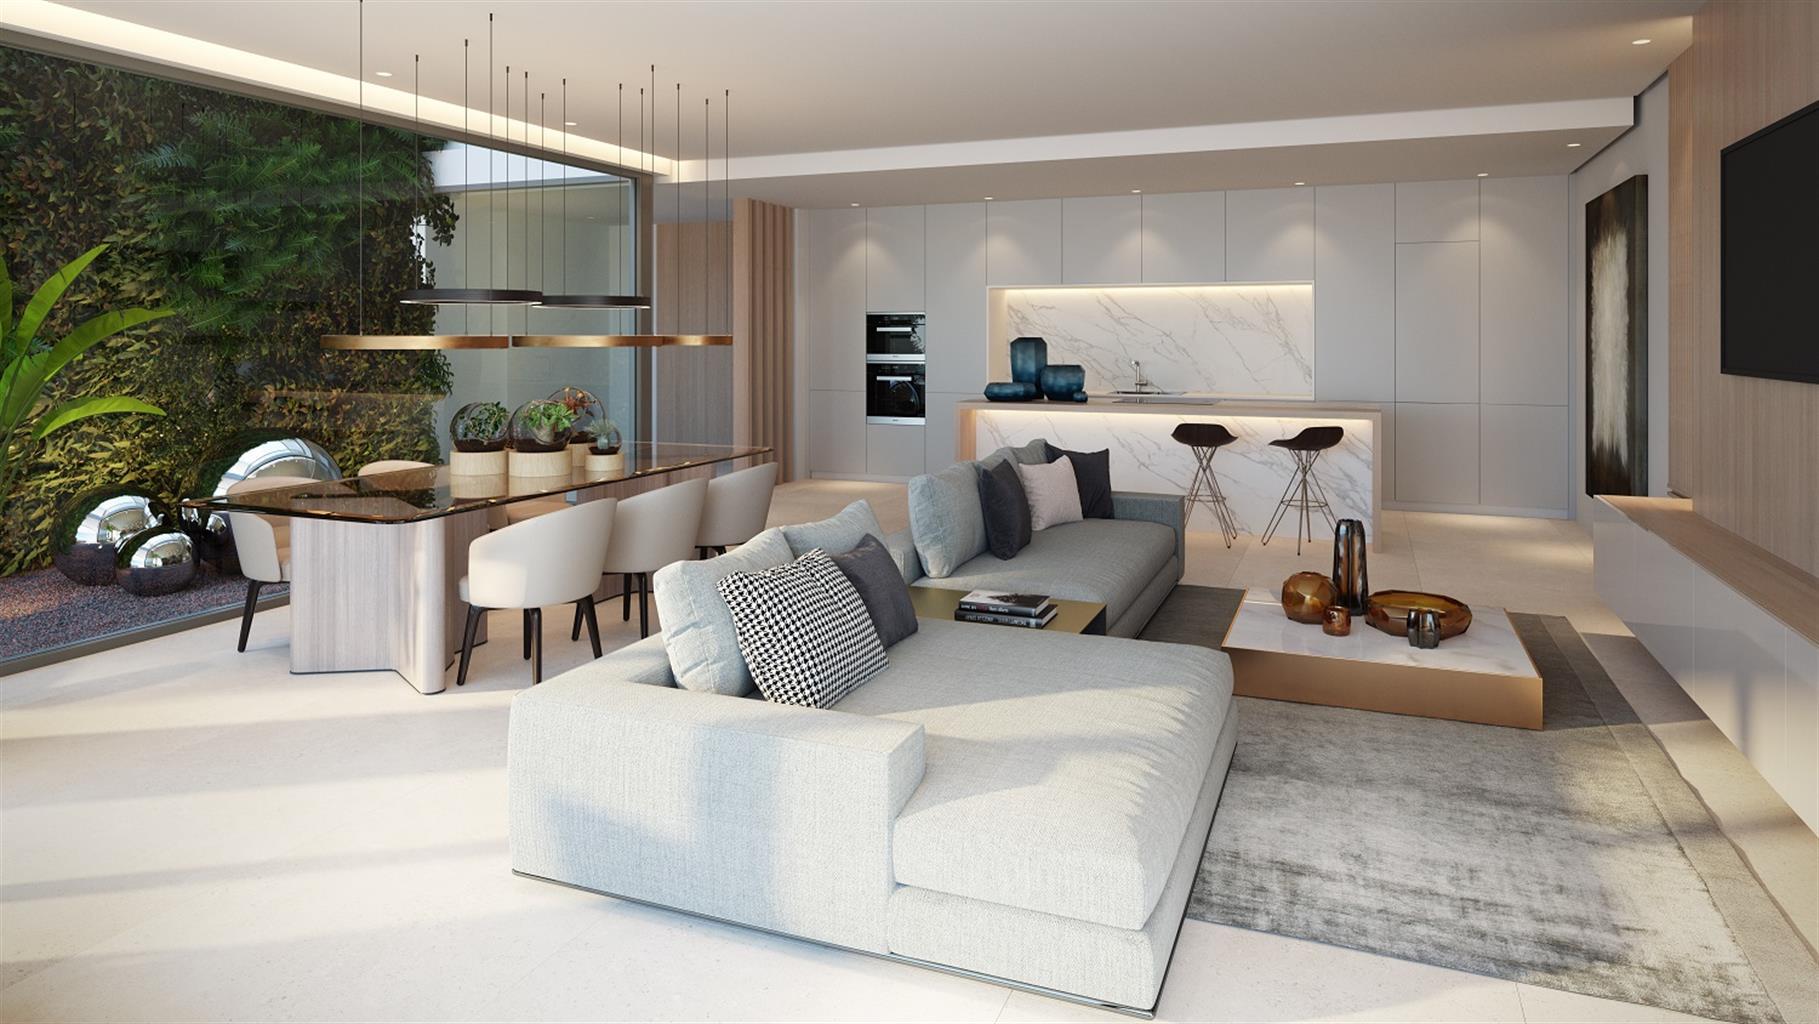 Nouvelle promotion de 49 appartements de luxe de 2, 3 et 4 chambres sur les hauteurs de Marbella avec des vues imprenables sur la mer ! OFFRE DE LANCEMENT avec plus de 50.000 € de réduction !